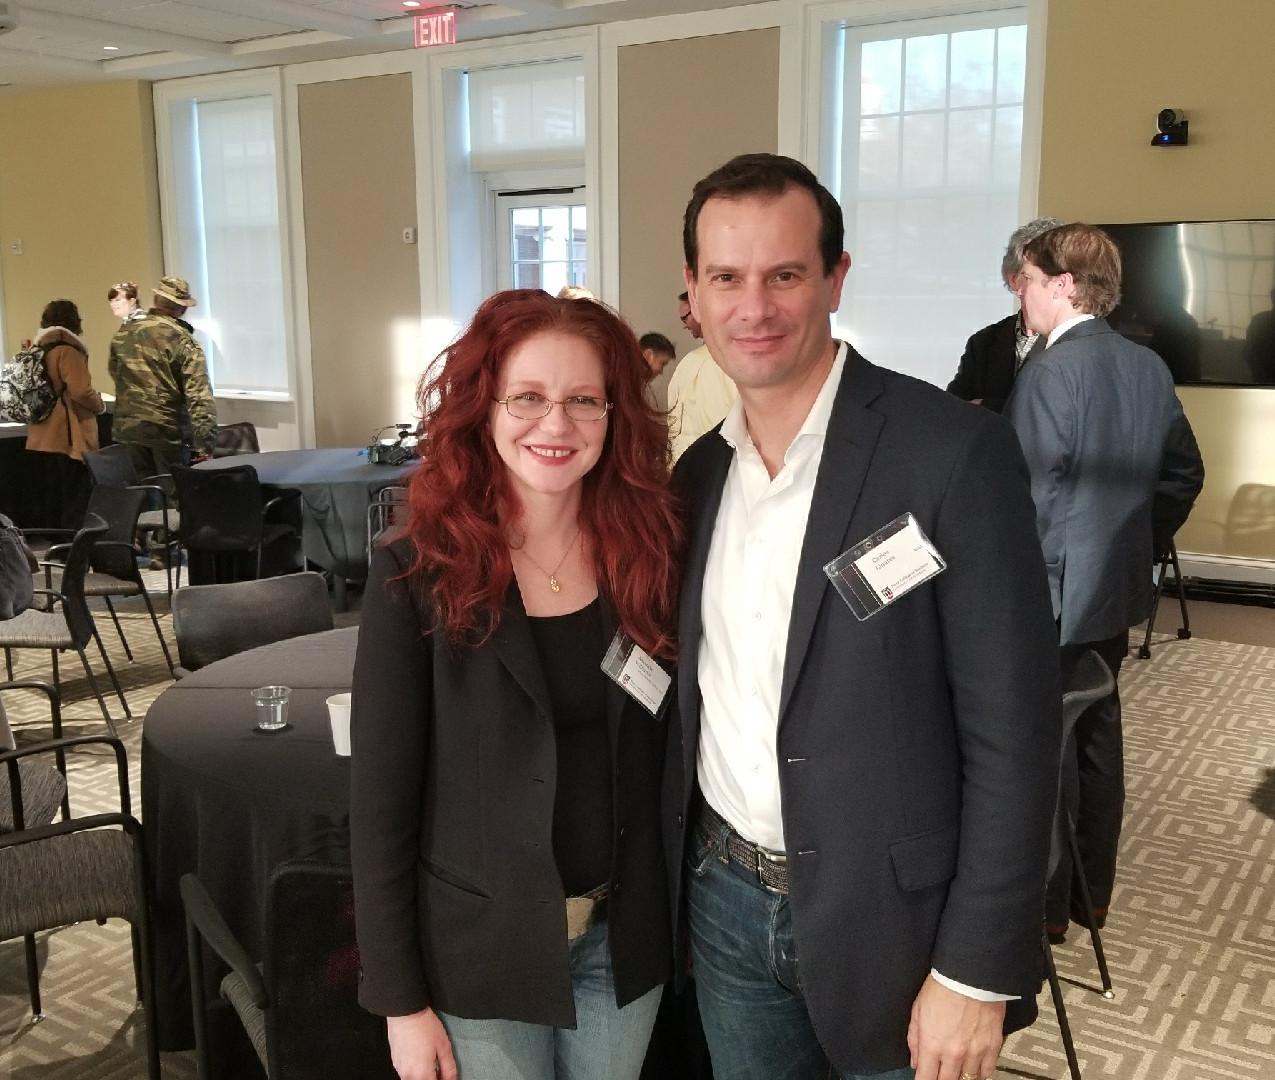 Amanda and Carlos Linares of RIAA